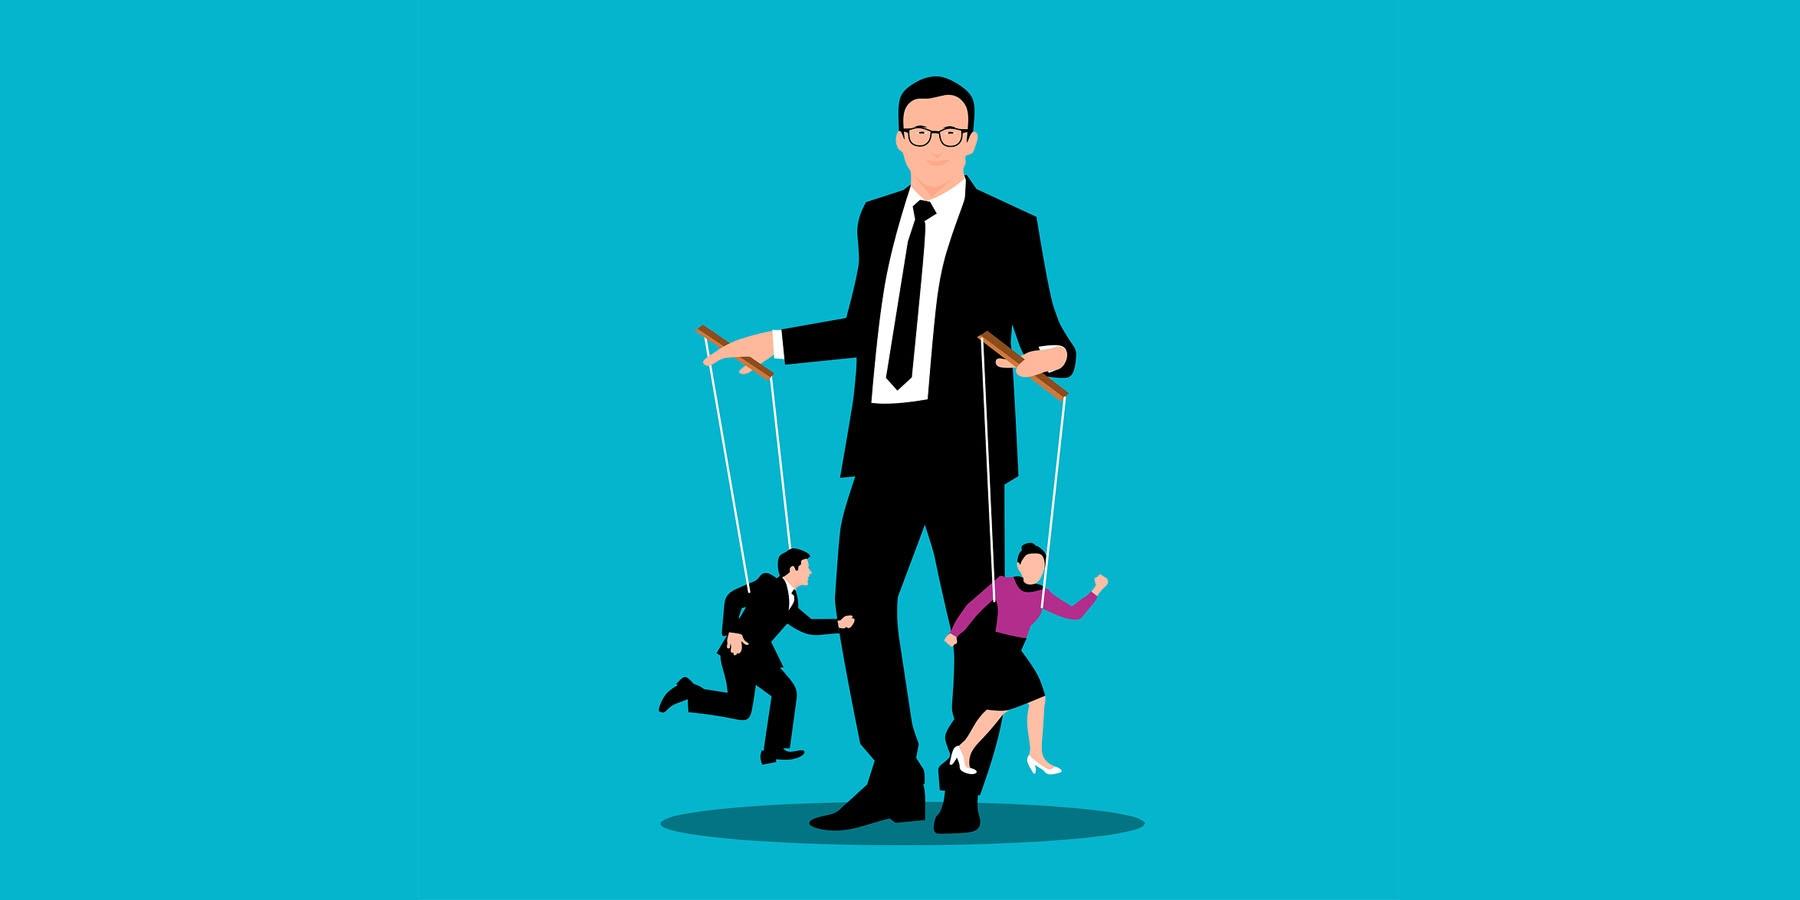 la persuasión coercitiva